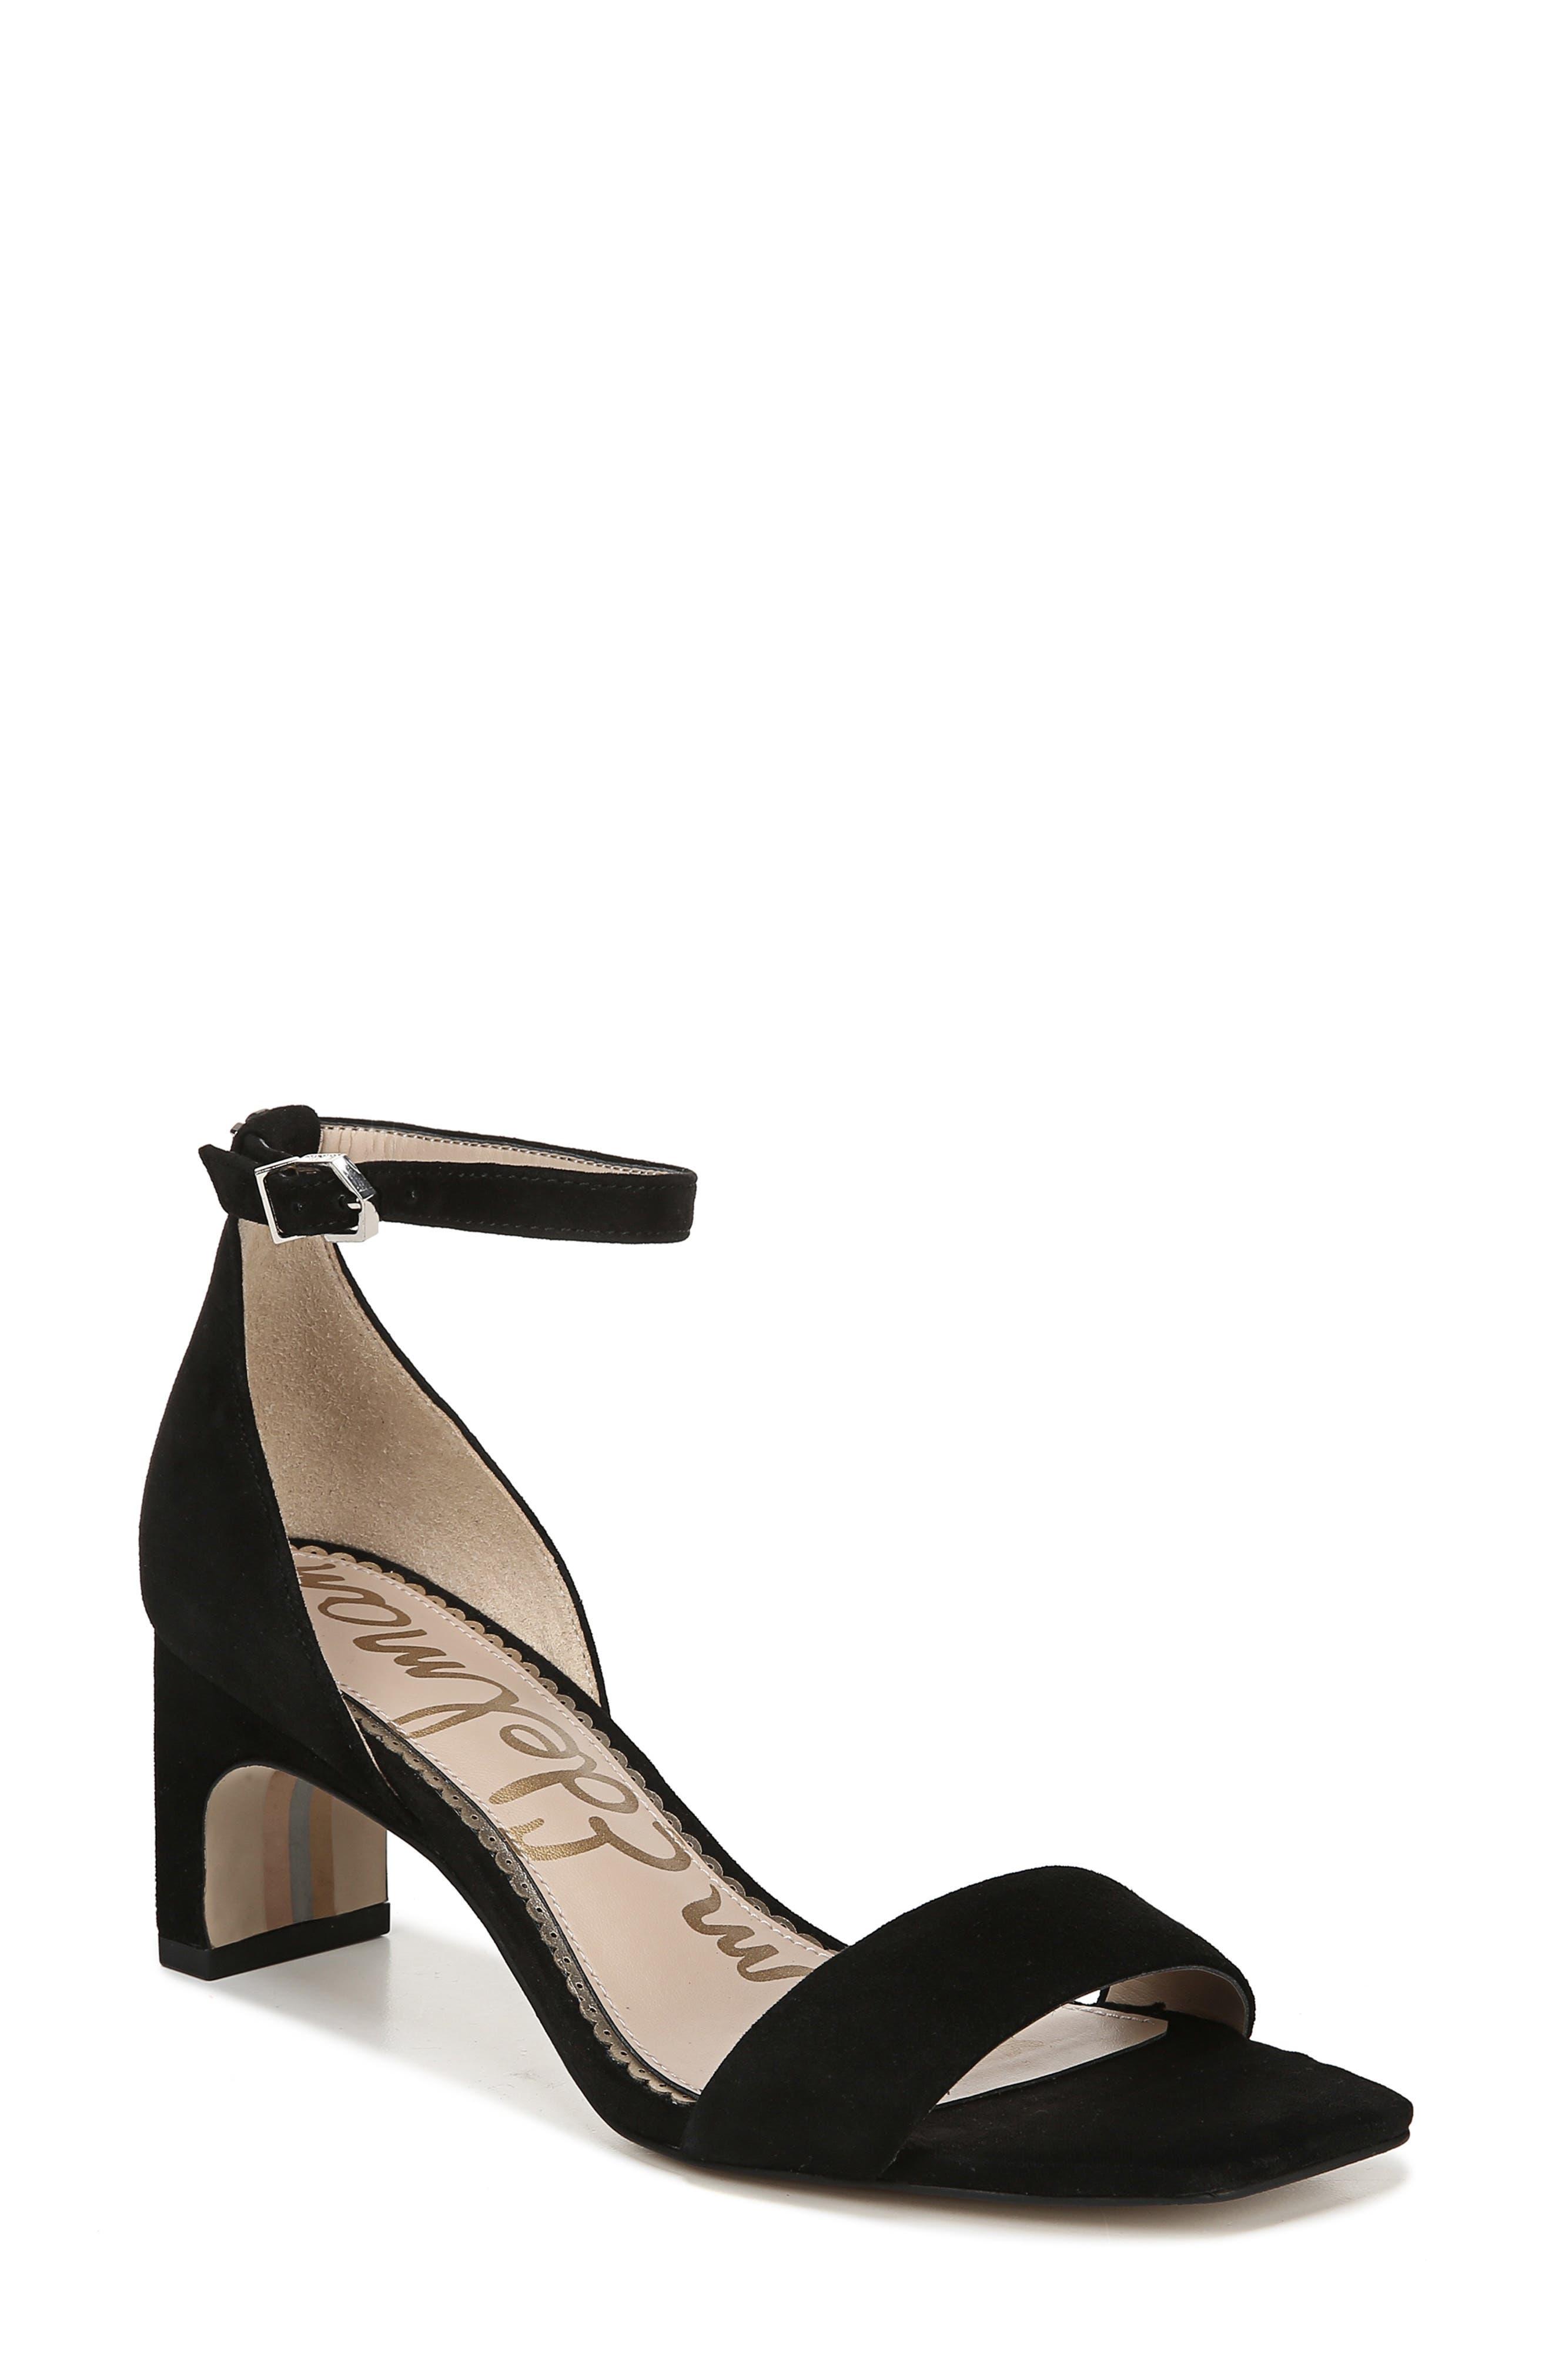 Sam Edelman Holmes Ankle Strap Sandal- Black